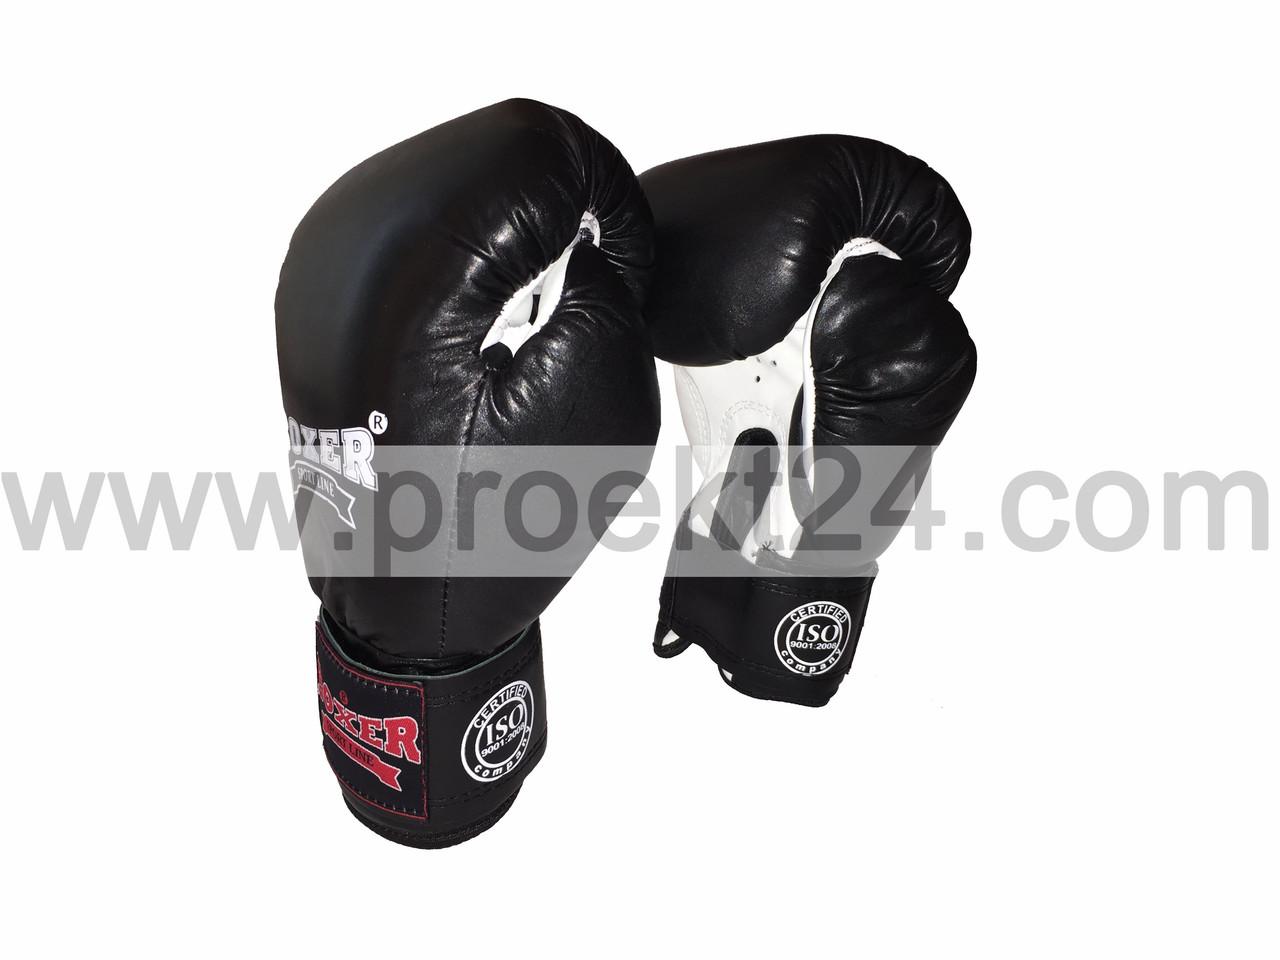 Боксерские перчатки кожа 8 oz Boxer, черные - Глобальные энергосберегающие технологии  в Днепре